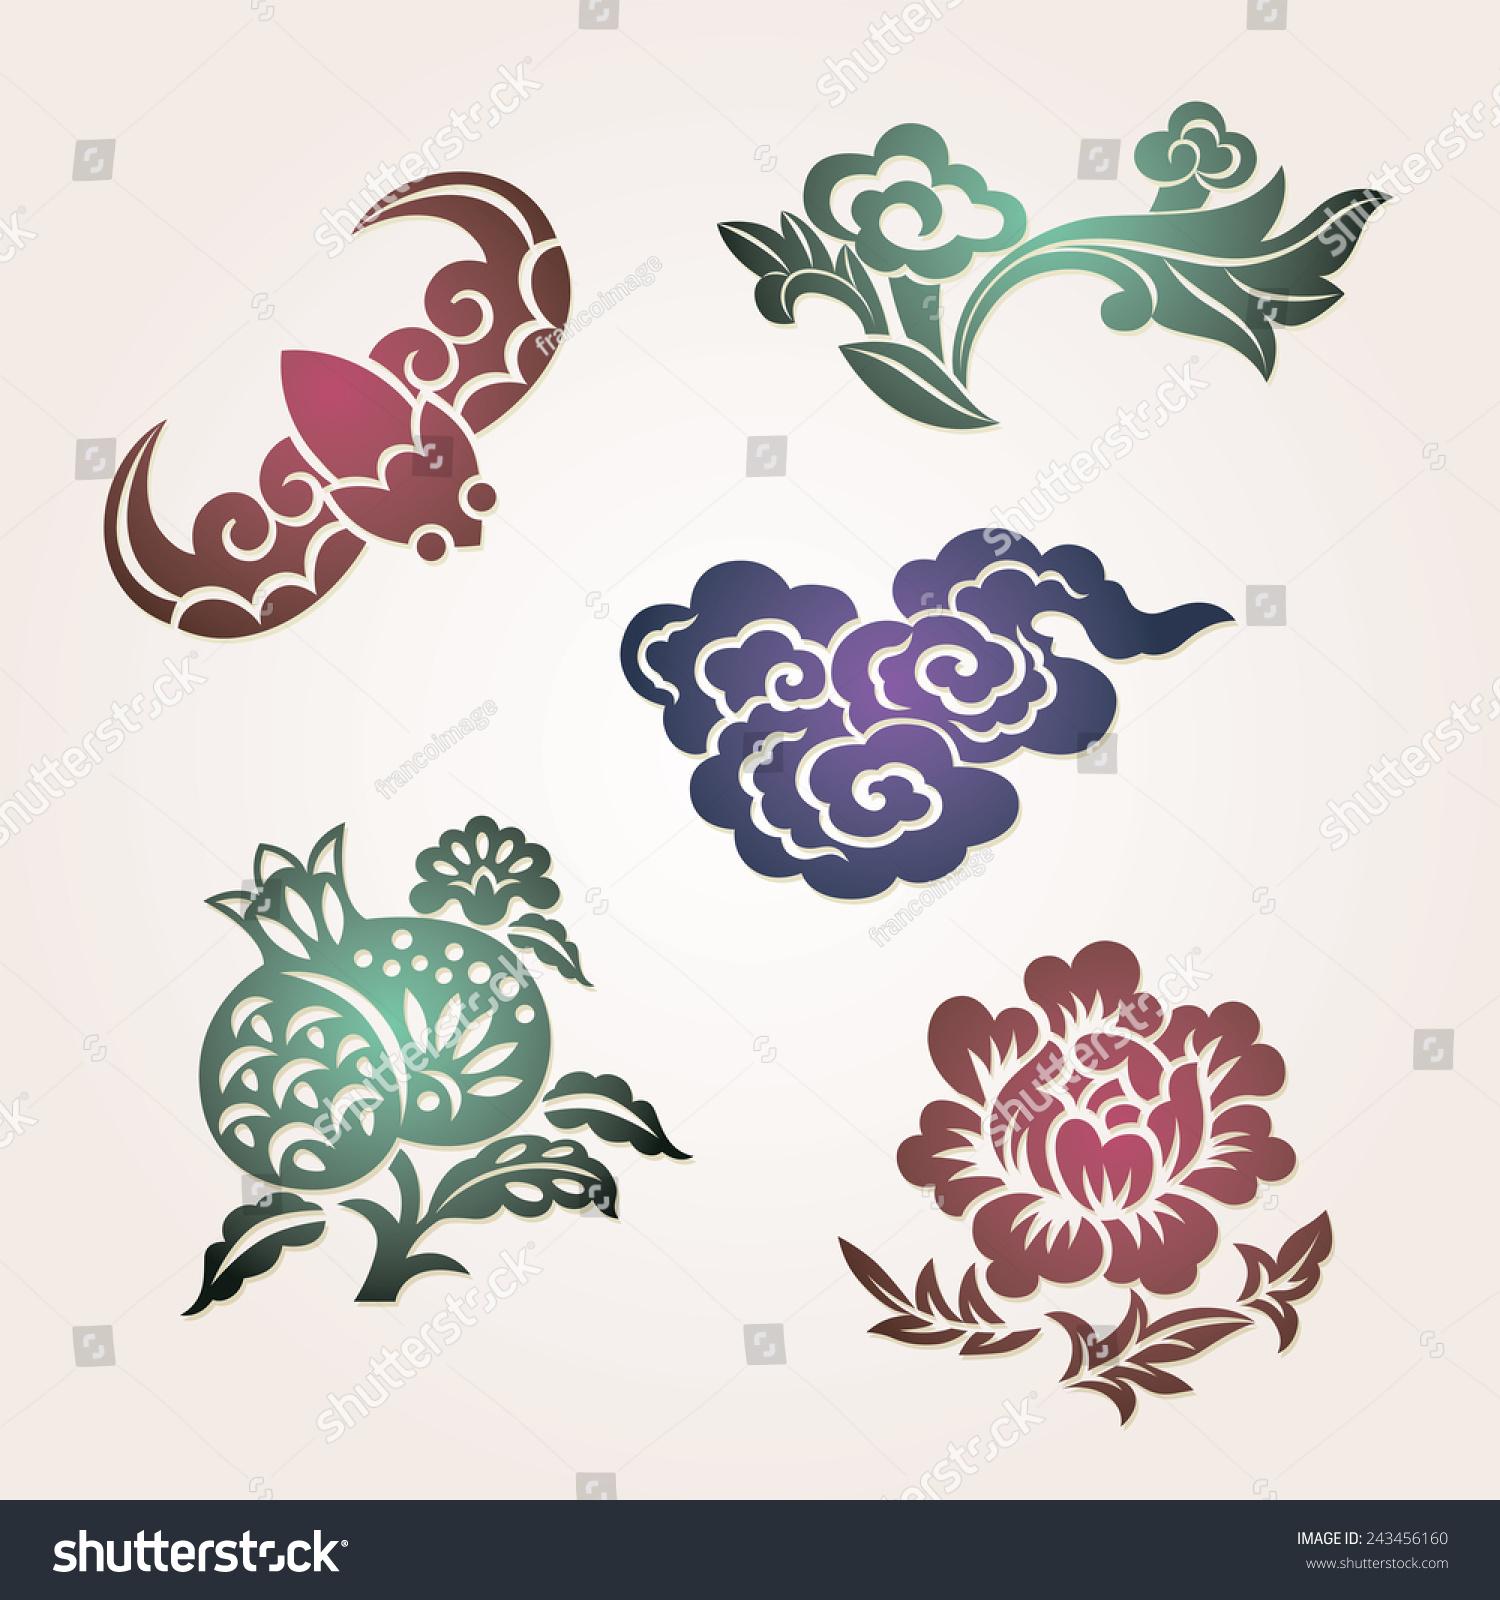 """传统吉祥符号:蝙蝠(幸福)、云(吉祥),""""如意""""(如你所愿),石榴(许多儿子),牡丹(财富) - 艺术 - 站酷海洛创意正版图片,视频,音乐素材交易平台 - Shutterstock中国独家合作伙伴 - 站酷旗下品牌"""